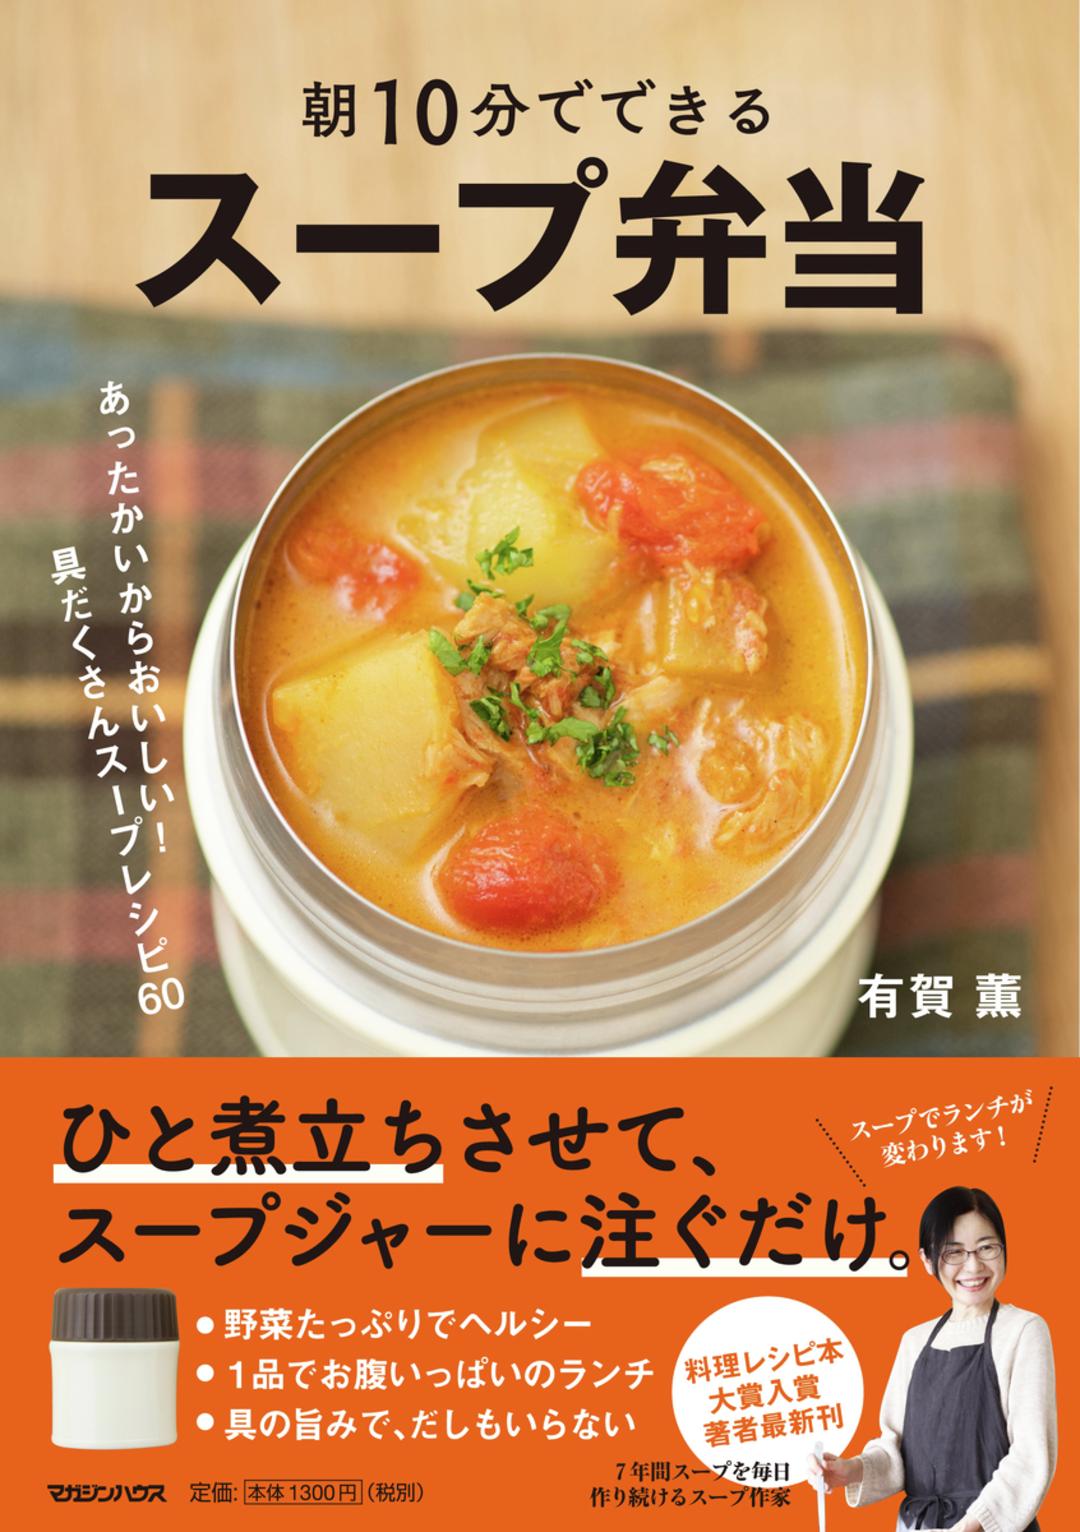 簡単&おいしいスープ弁当でお昼休みの幸せ度爆上げ!